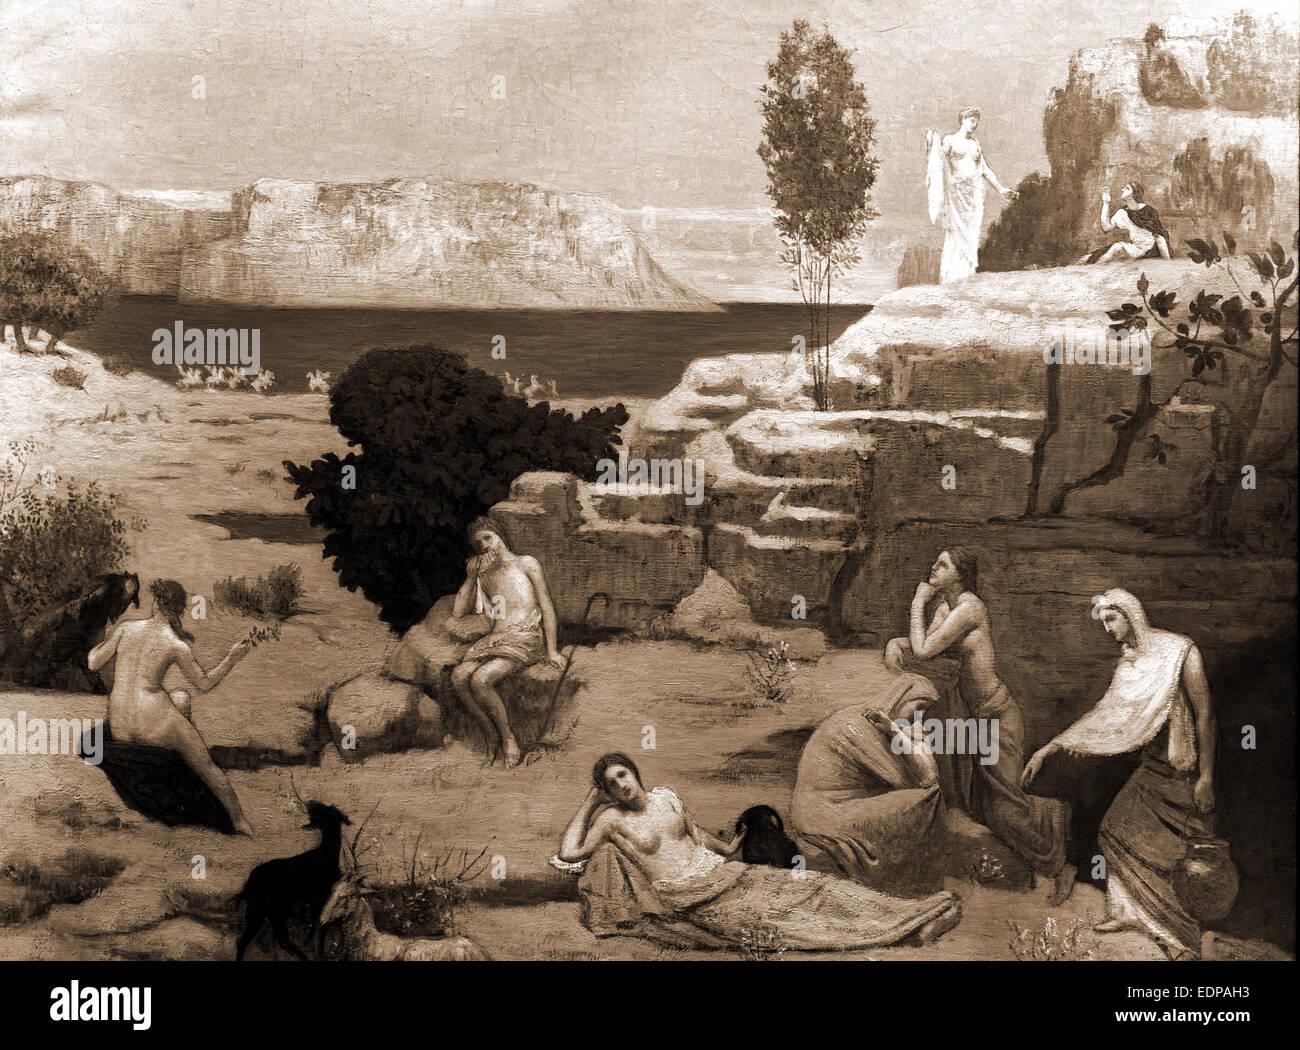 A vision of antiquity, Puvis de Chavannes, Pierre, 1824-1898, Myths, 1900 - Stock Image